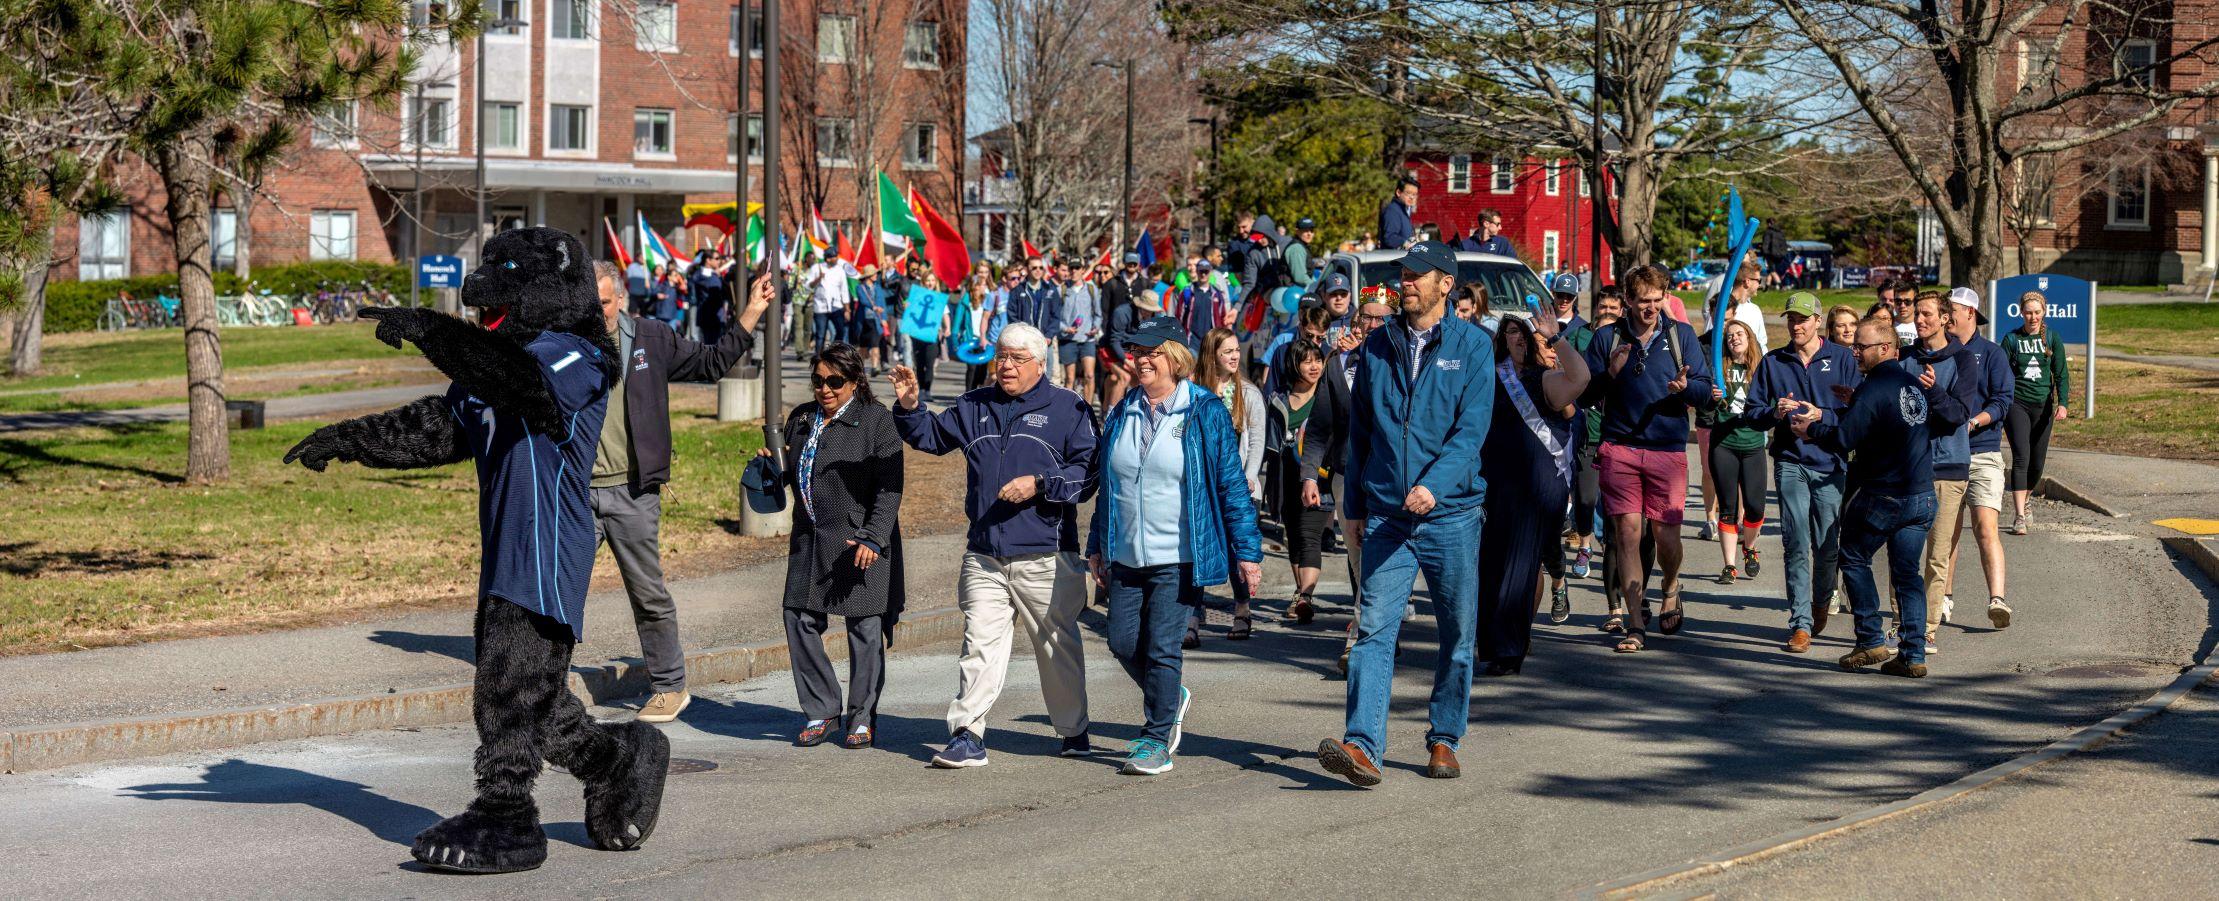 UMaine Maine Day Parade